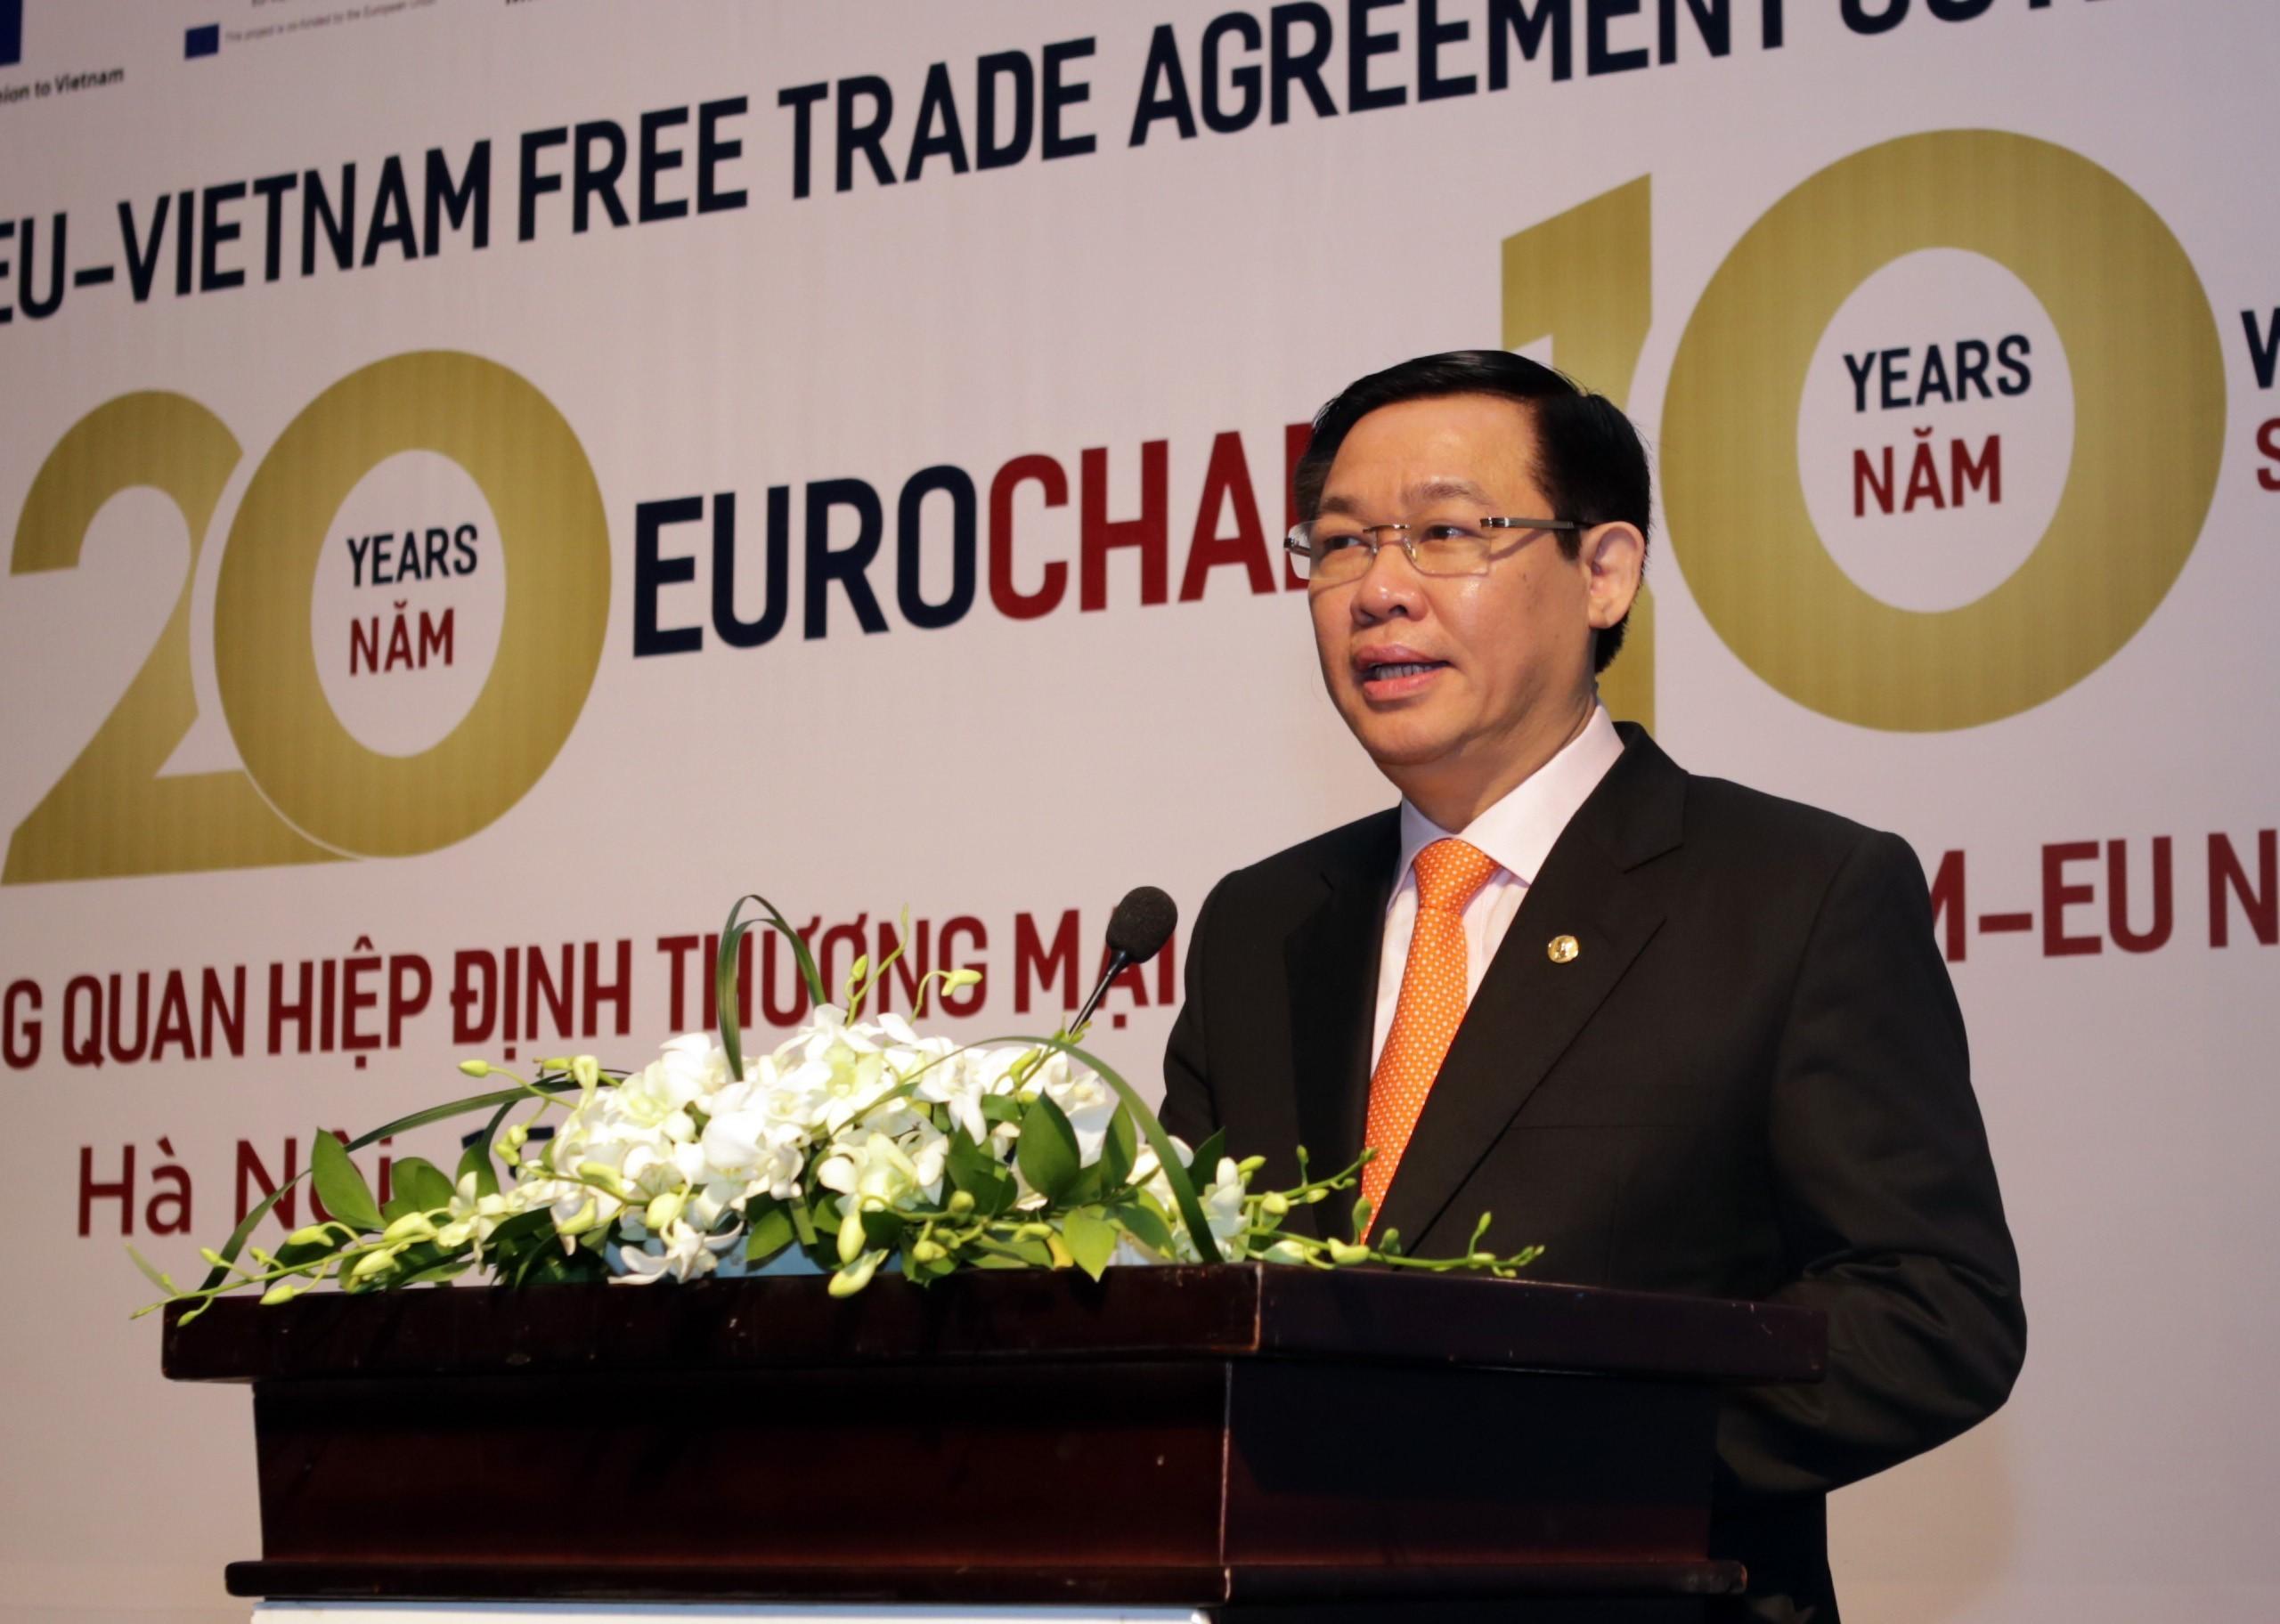 Le vice-Premier ministre Vuong Dinh Hue s'exprime lors de la cérémonie de publication du livre blanc de l'EuroCham, le 15 mars 2018.